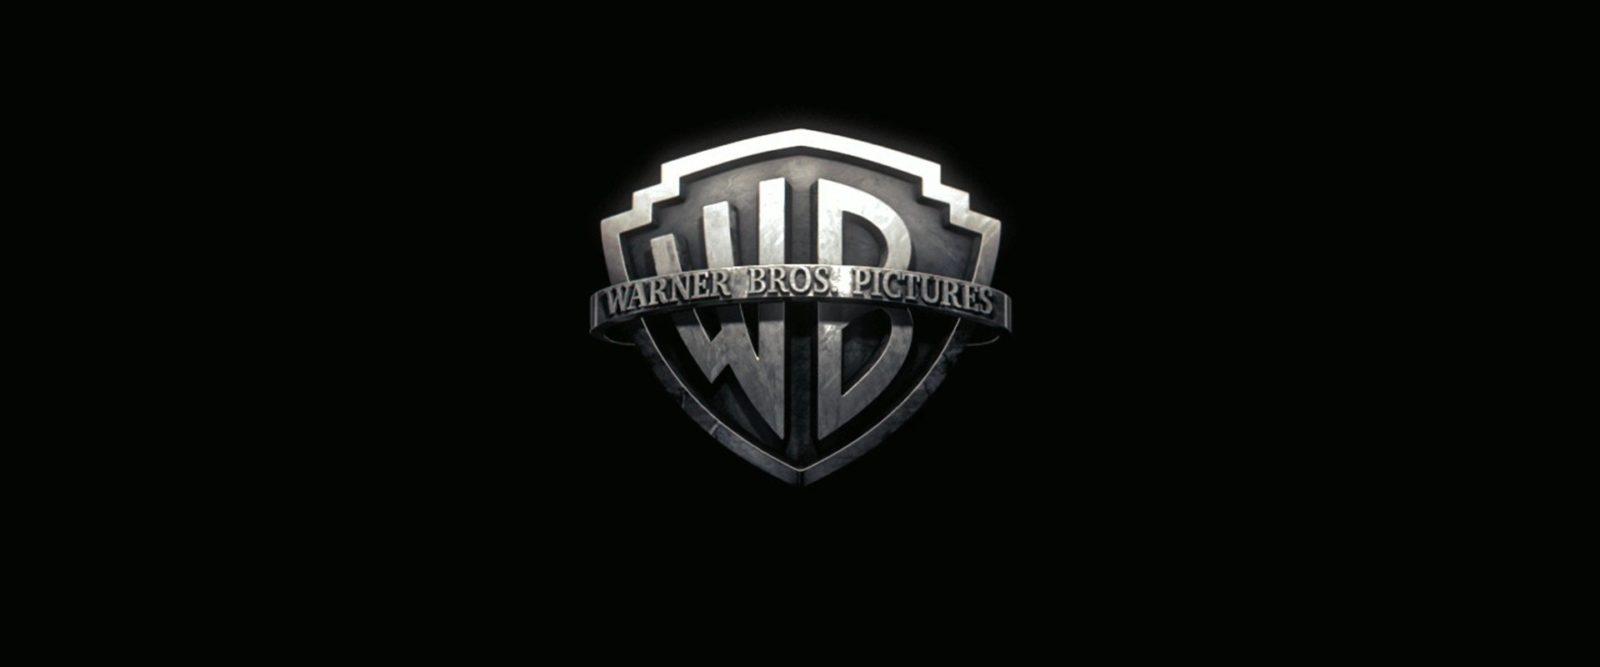 Актеры и режиссеры могут объявить бойкот Warner Bros.